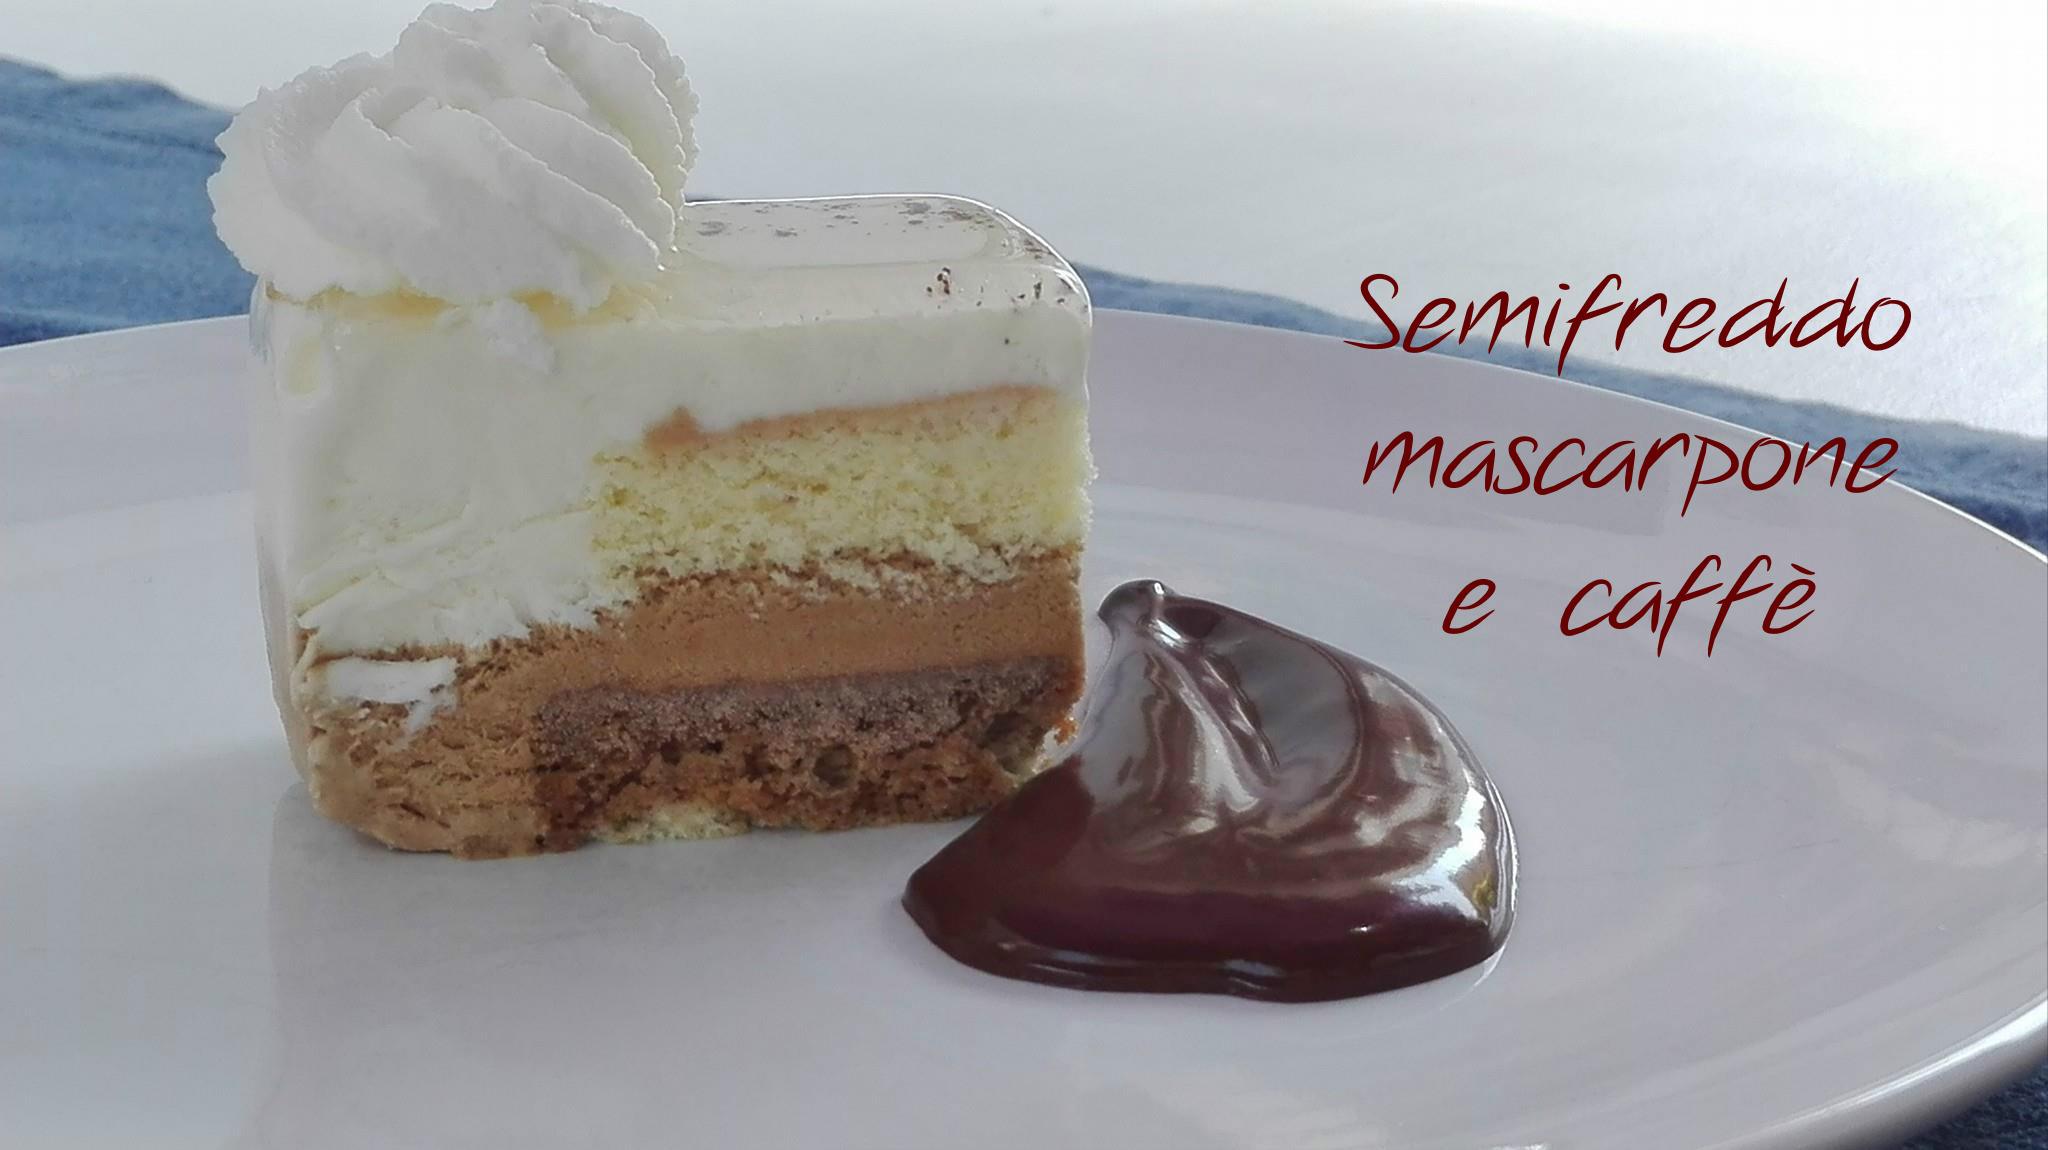 f8a0bbfbf49e Torta semifreddo mascarpone e caffè